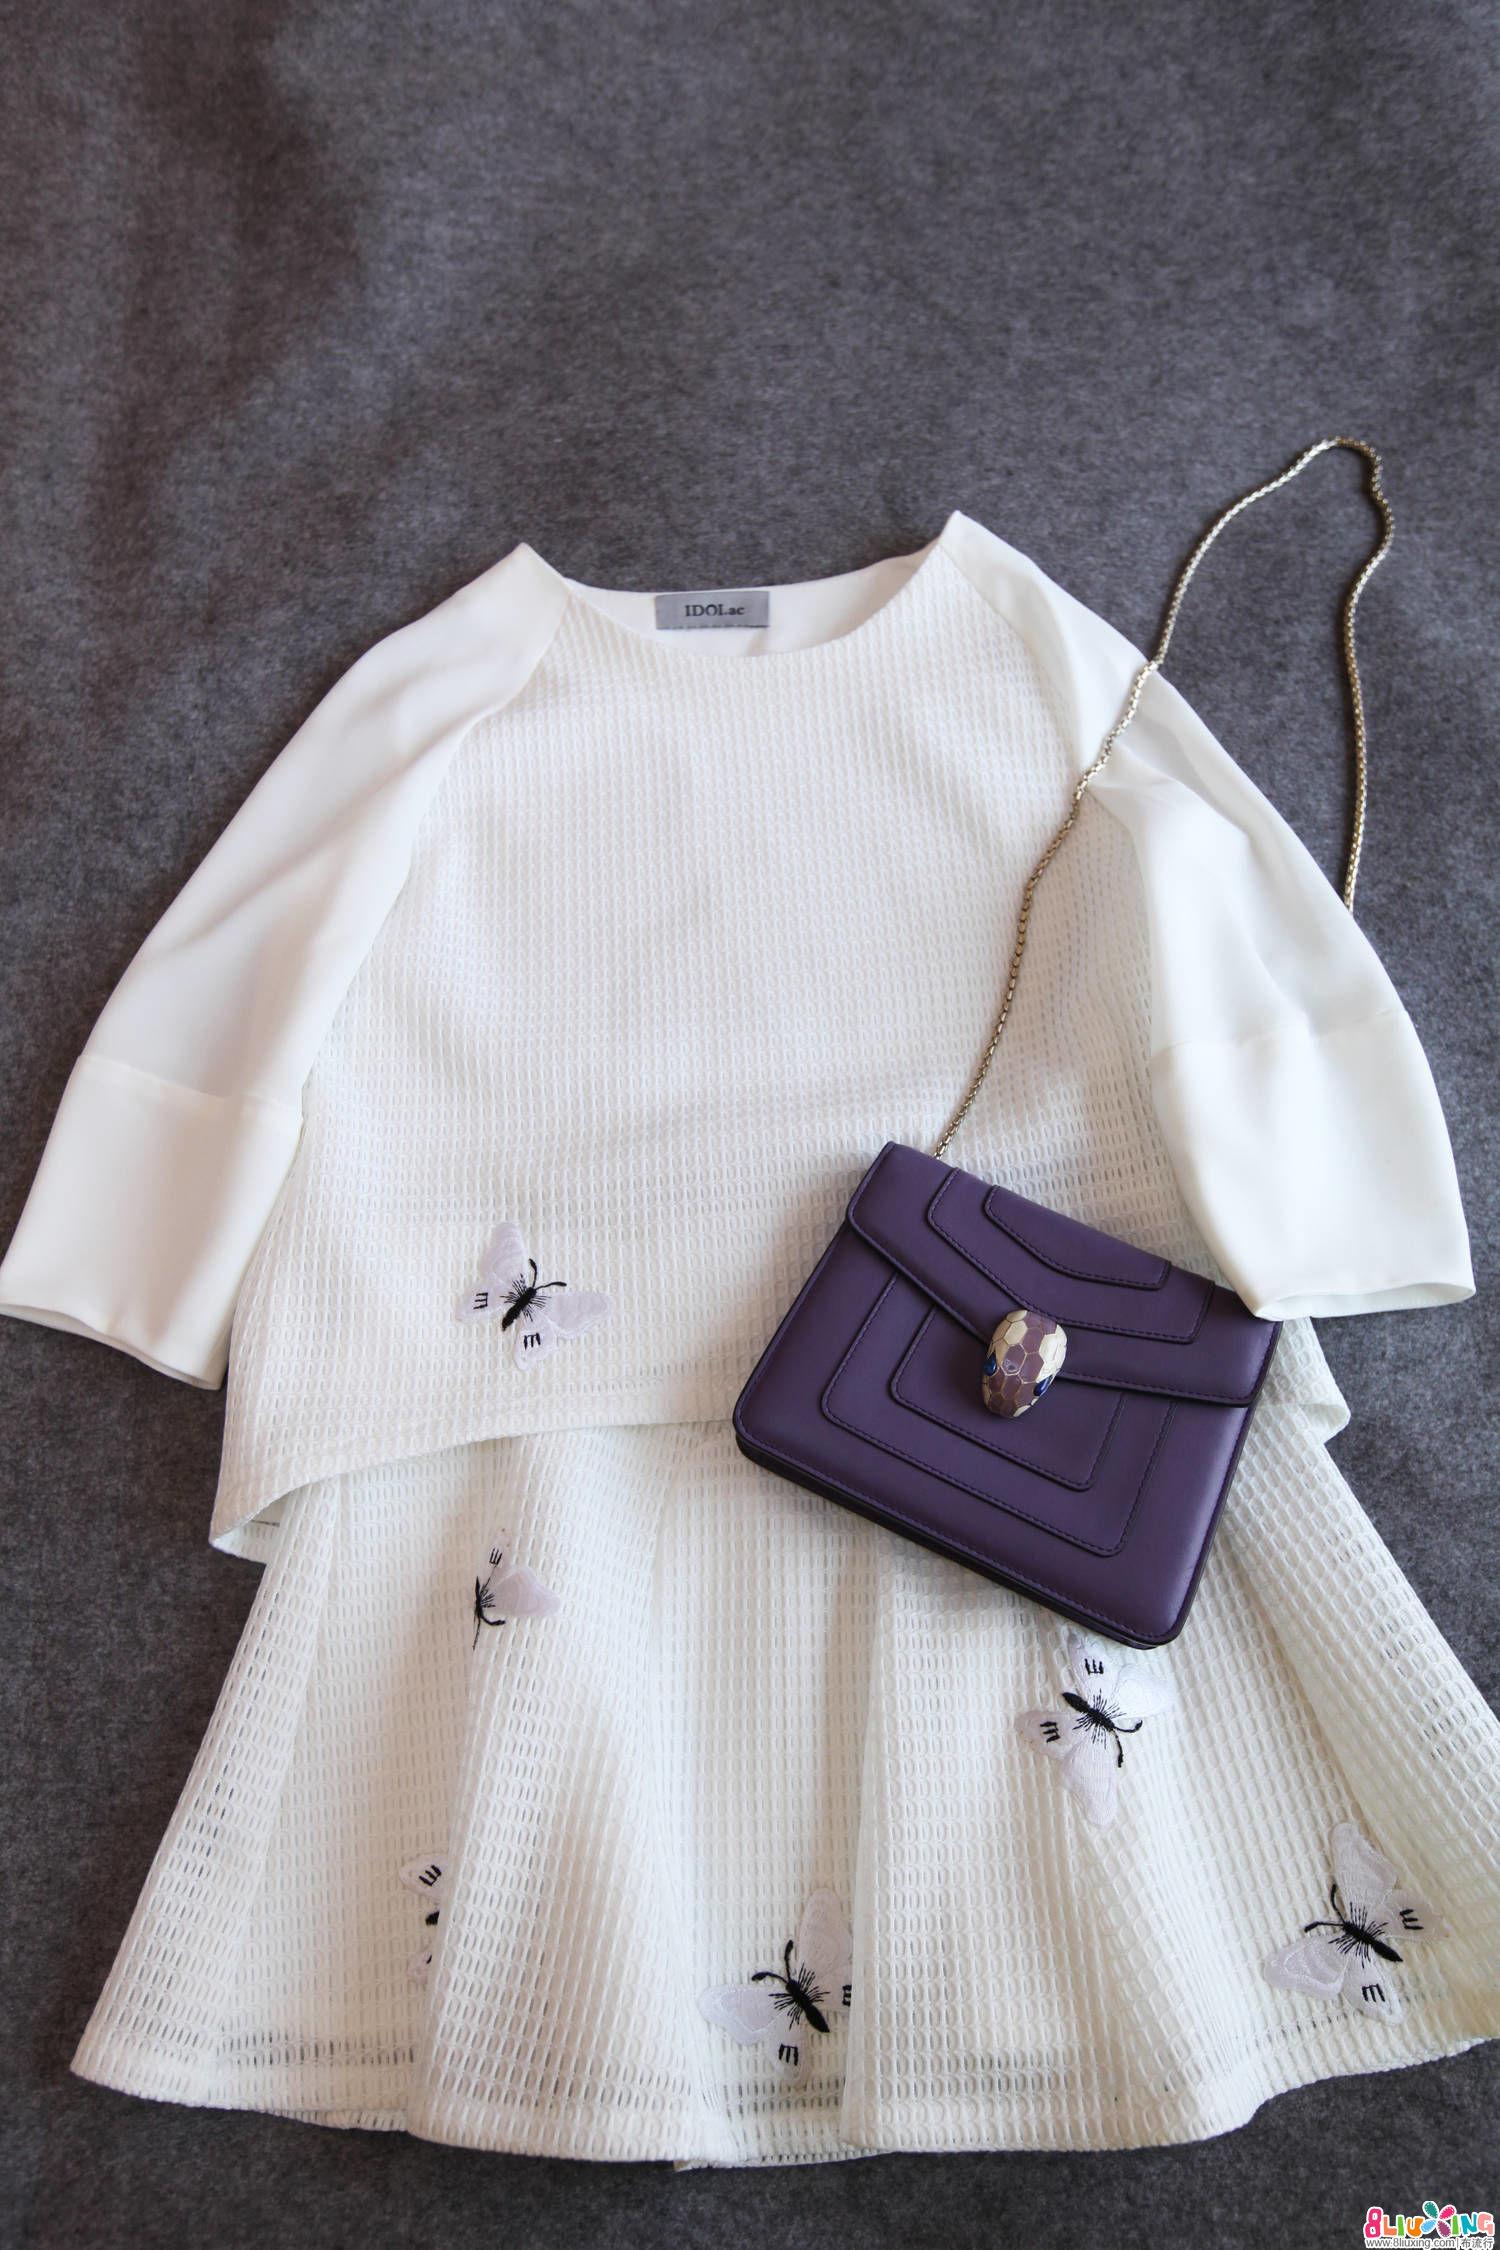 【Forider设计】蝴蝶刺绣/白色细网连衣裙套装